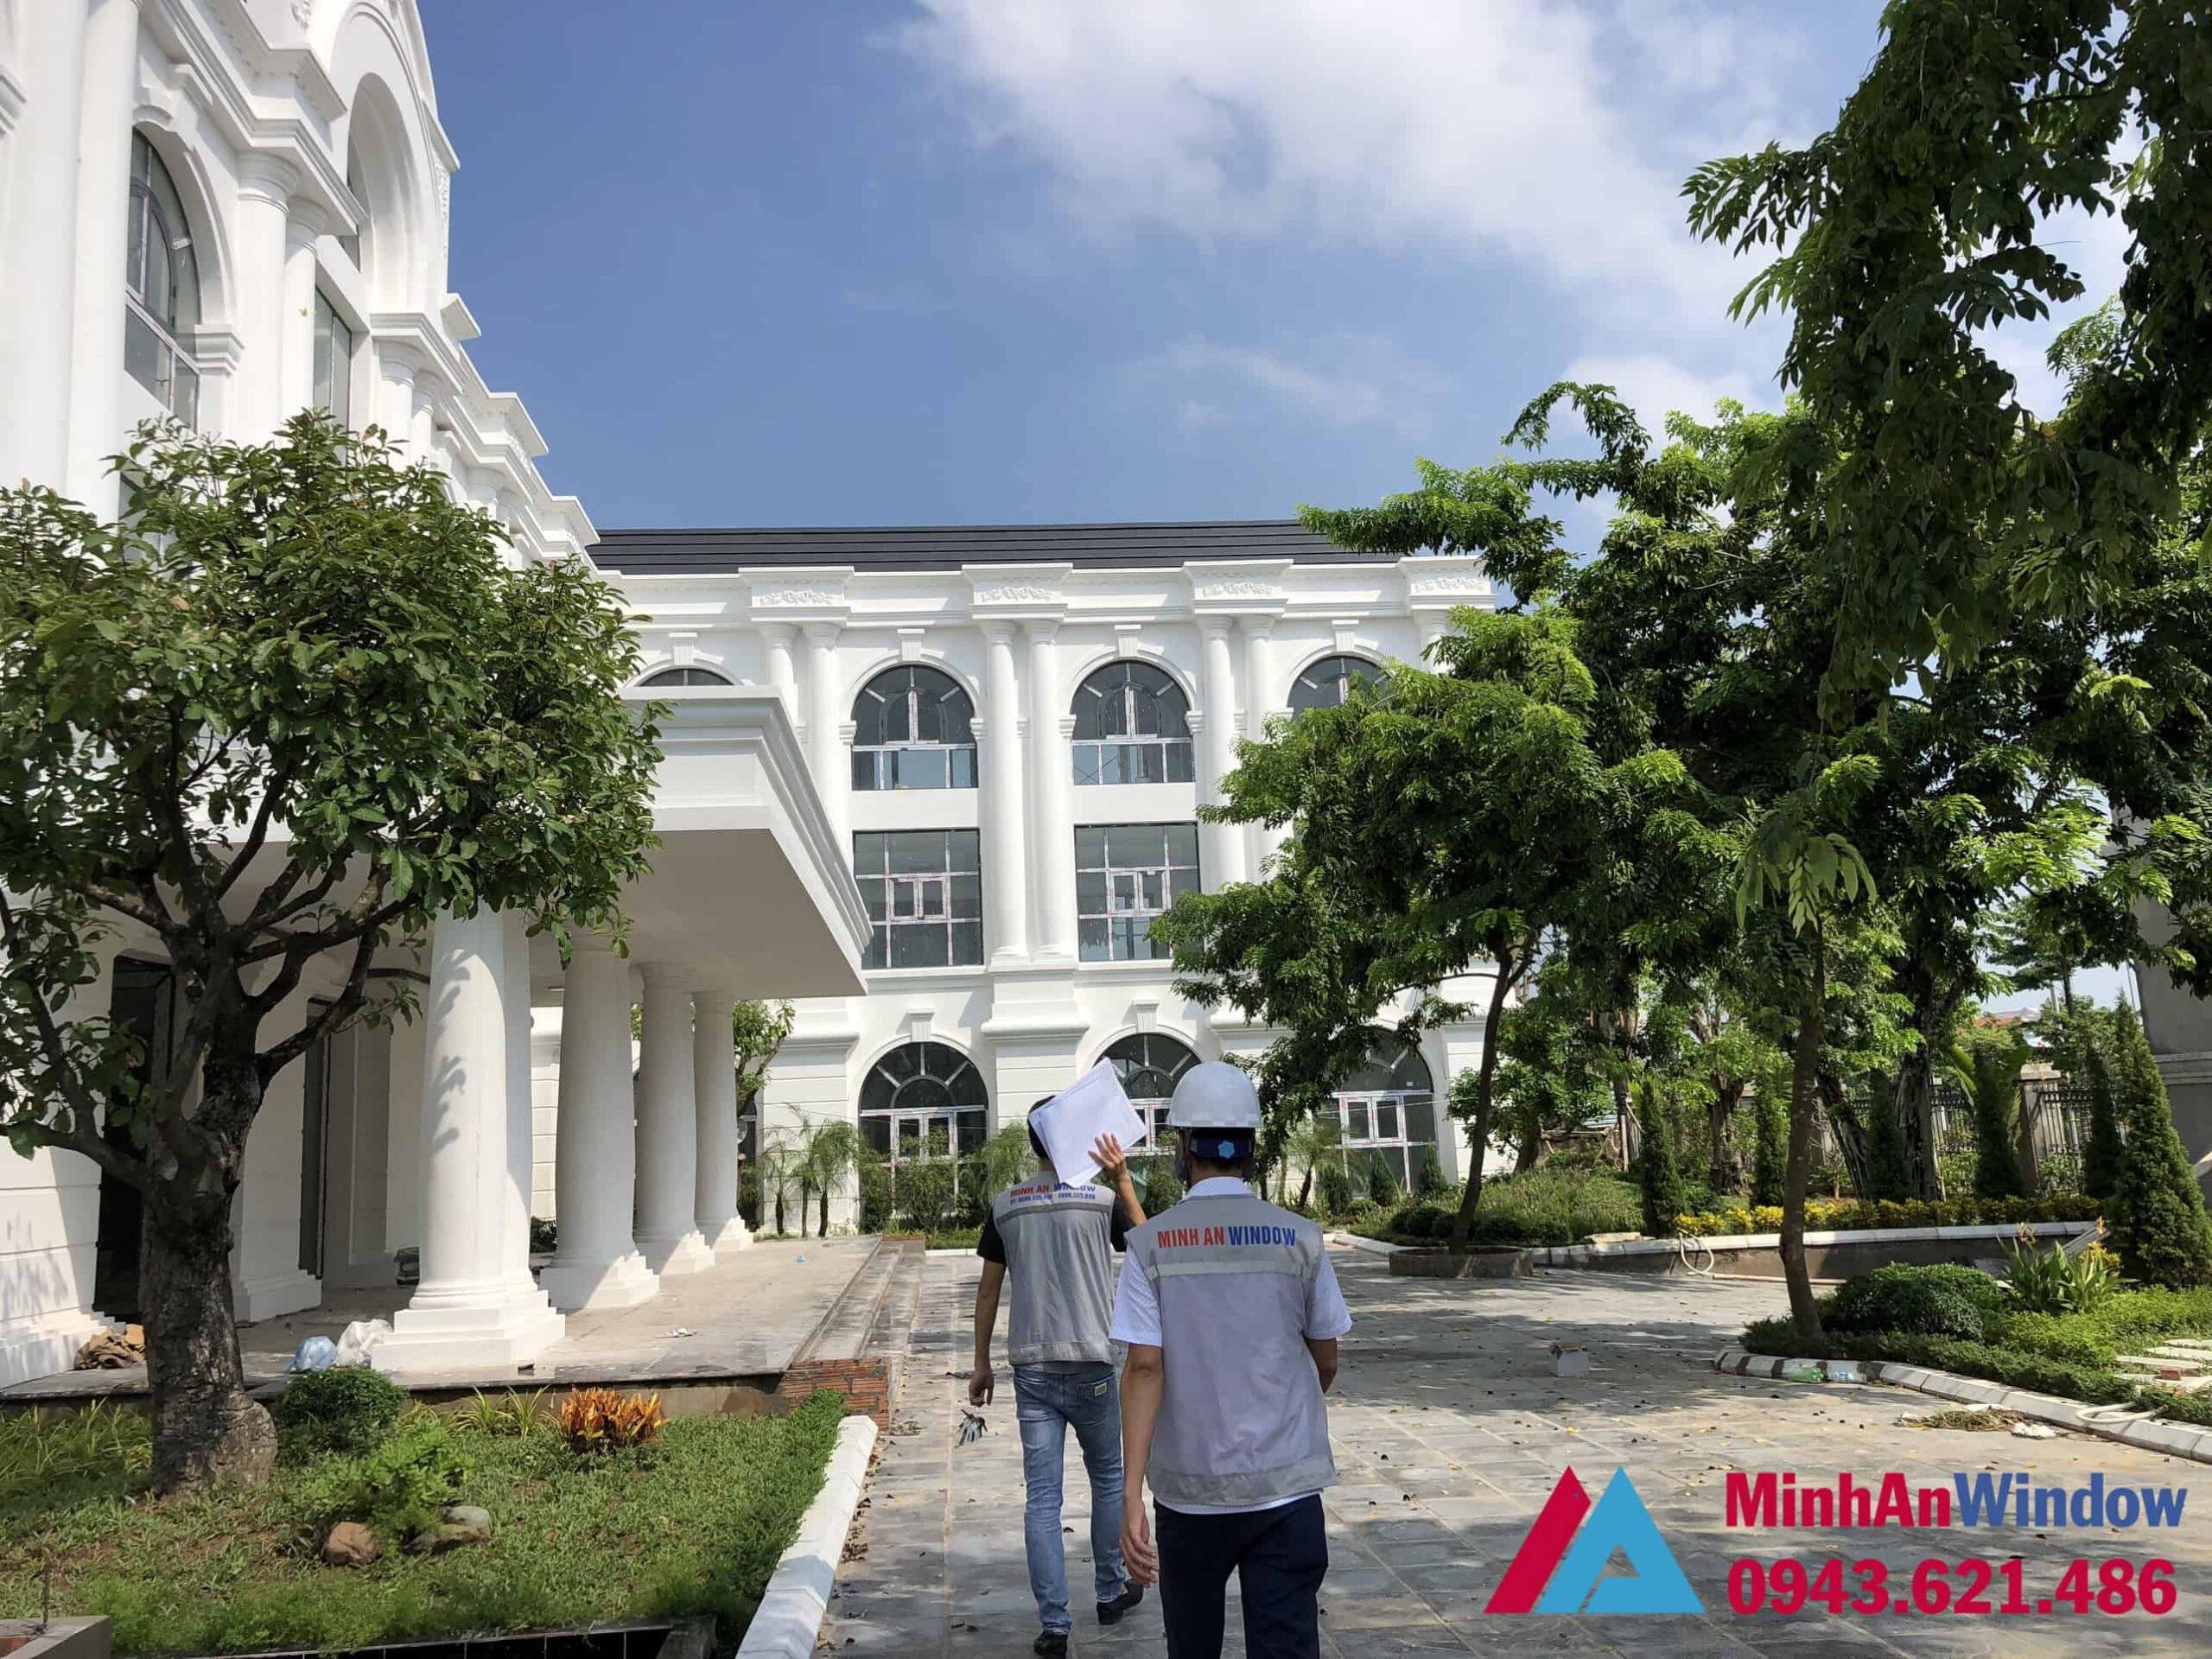 Công trình cửa nhôm kính tại KCN Phụng Hiệp - Thạch Thất - Hà Nội do Minh An Window lắp đặt